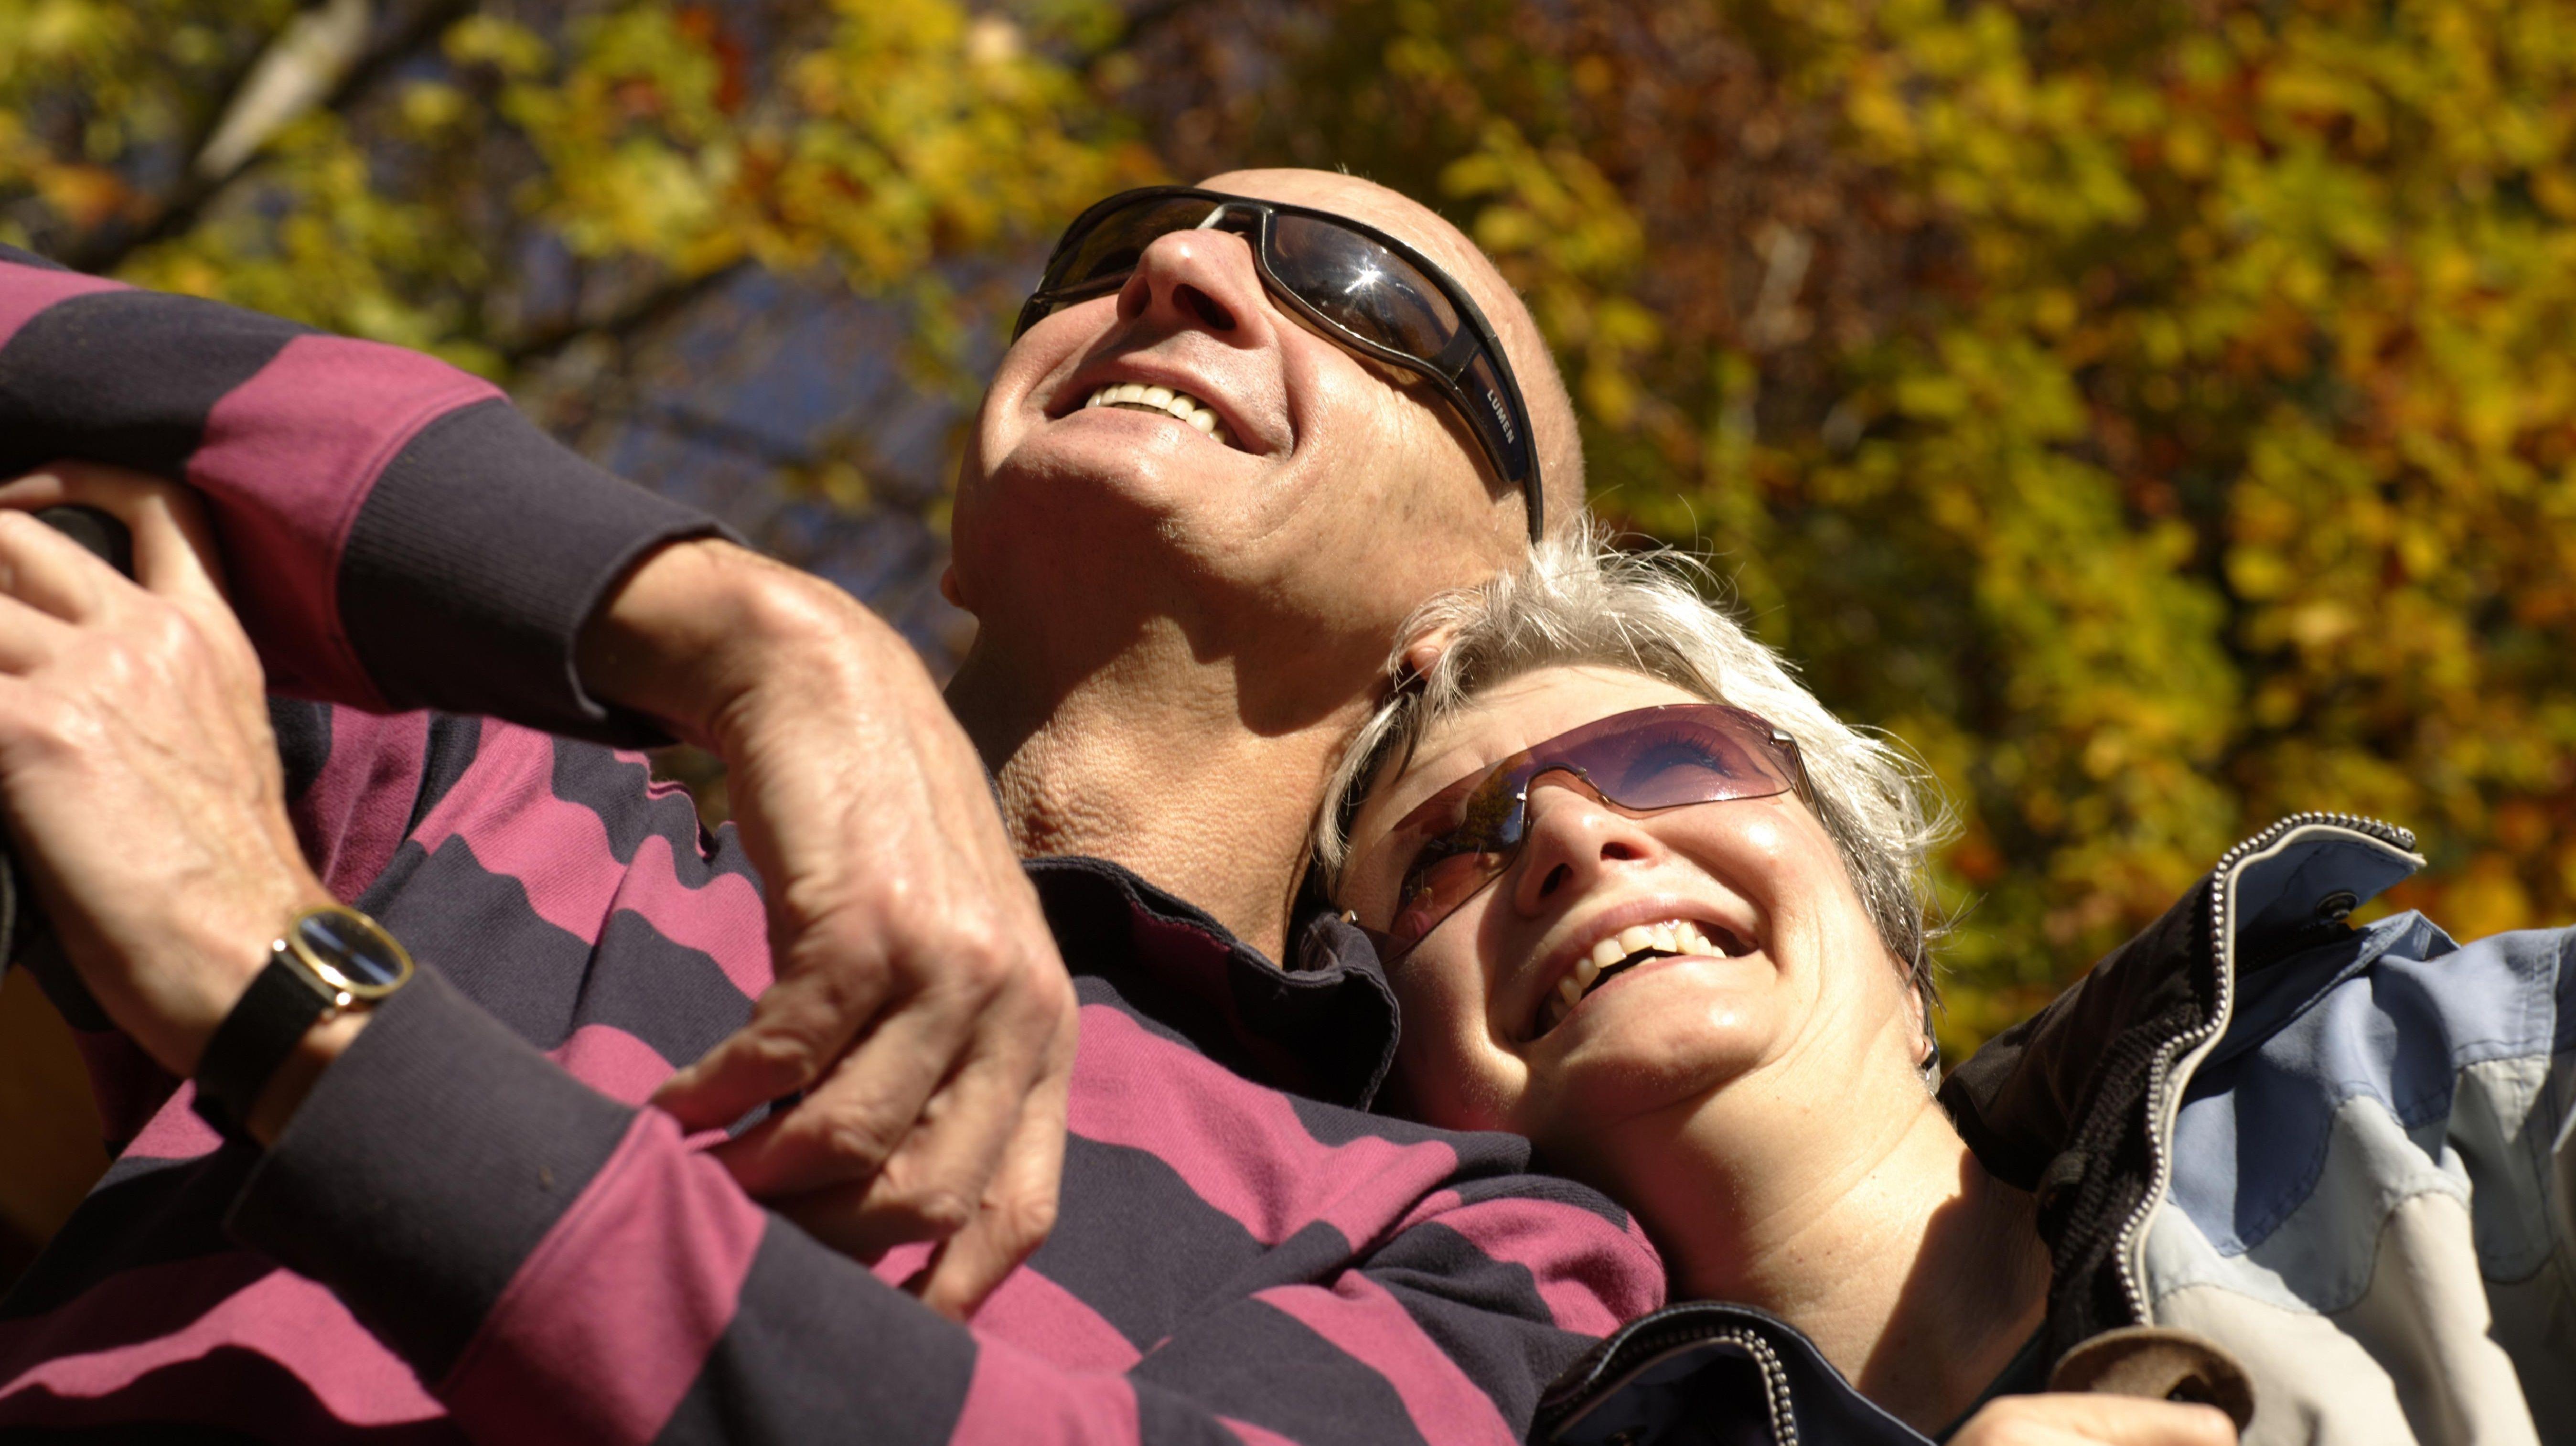 Sonnenbaden hilft, Vitamin D zu bilden.  Das Sonnenhormon stärkt Muskeln und Knochen.